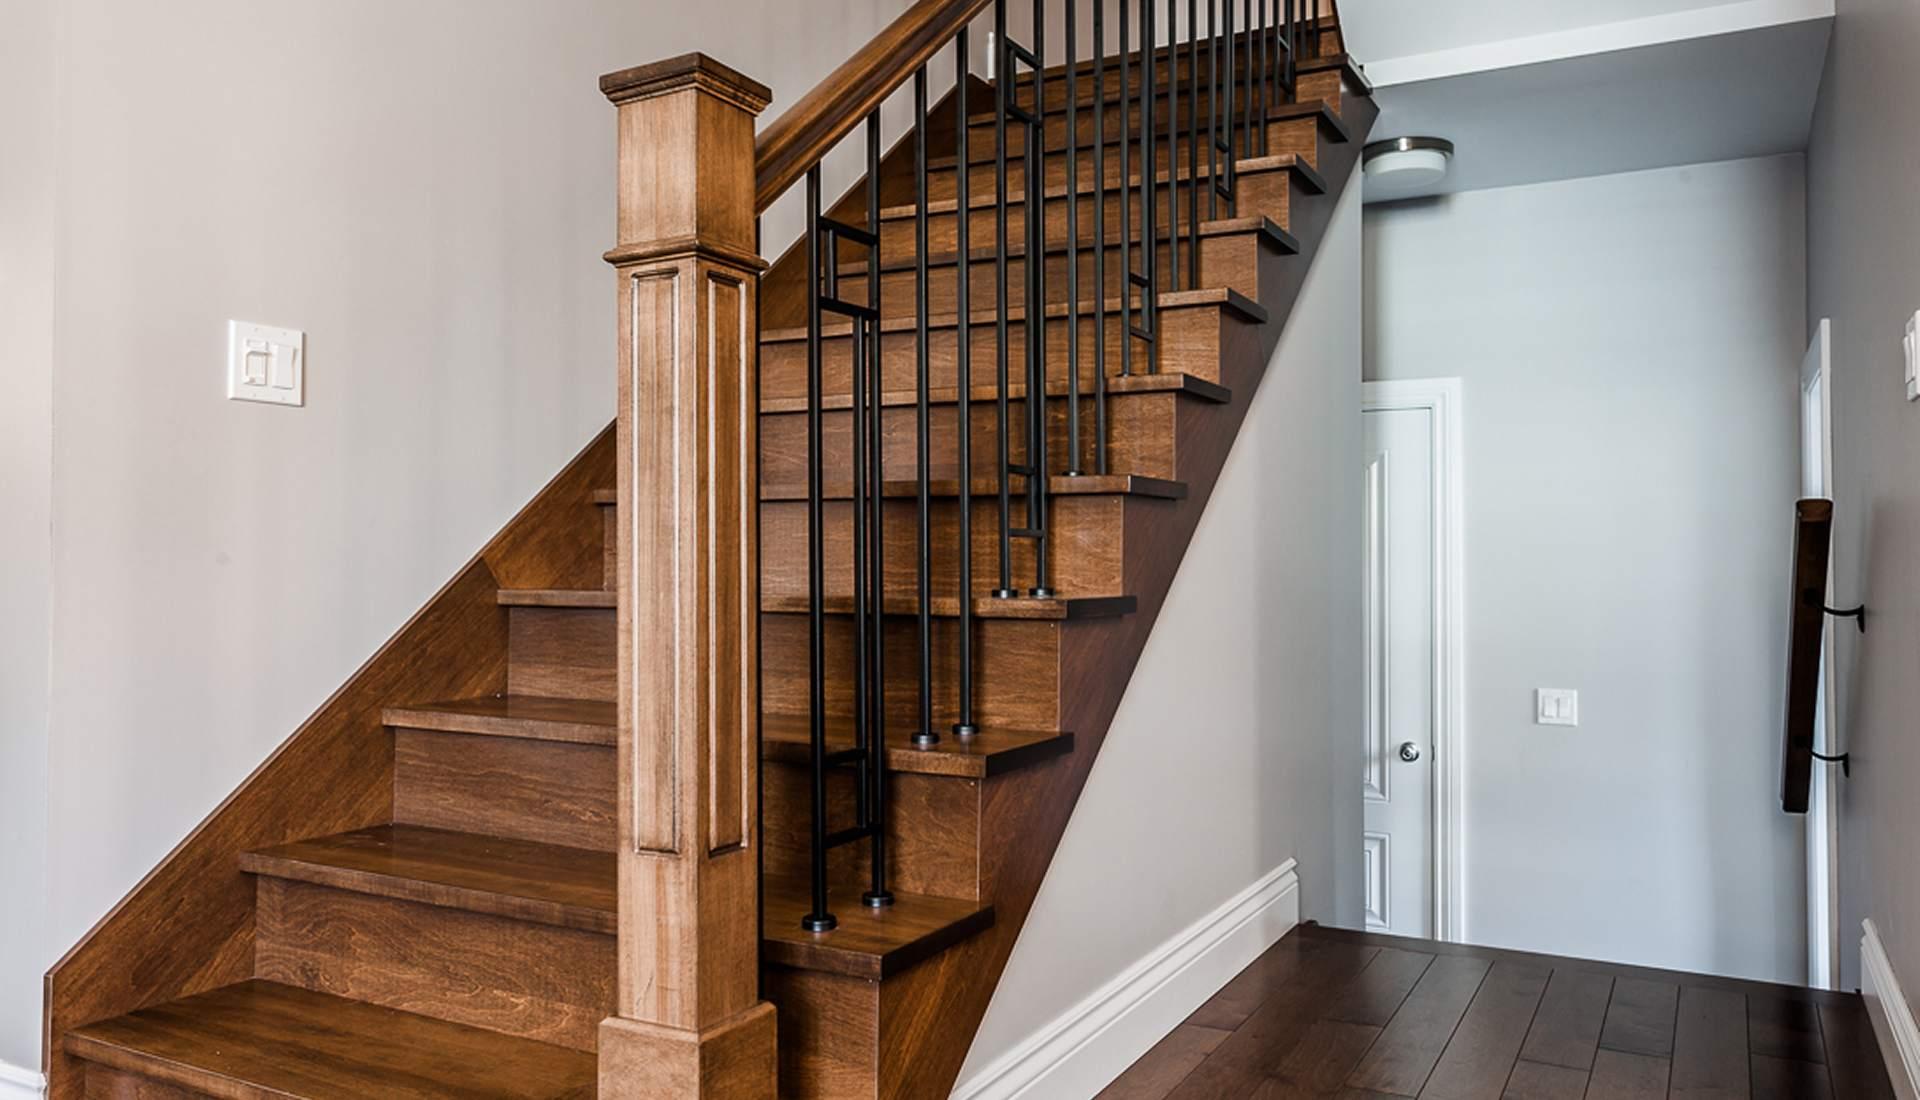 superbe escalier bois et metal 11 escalier bois et m tal rable huil et teint. Black Bedroom Furniture Sets. Home Design Ideas